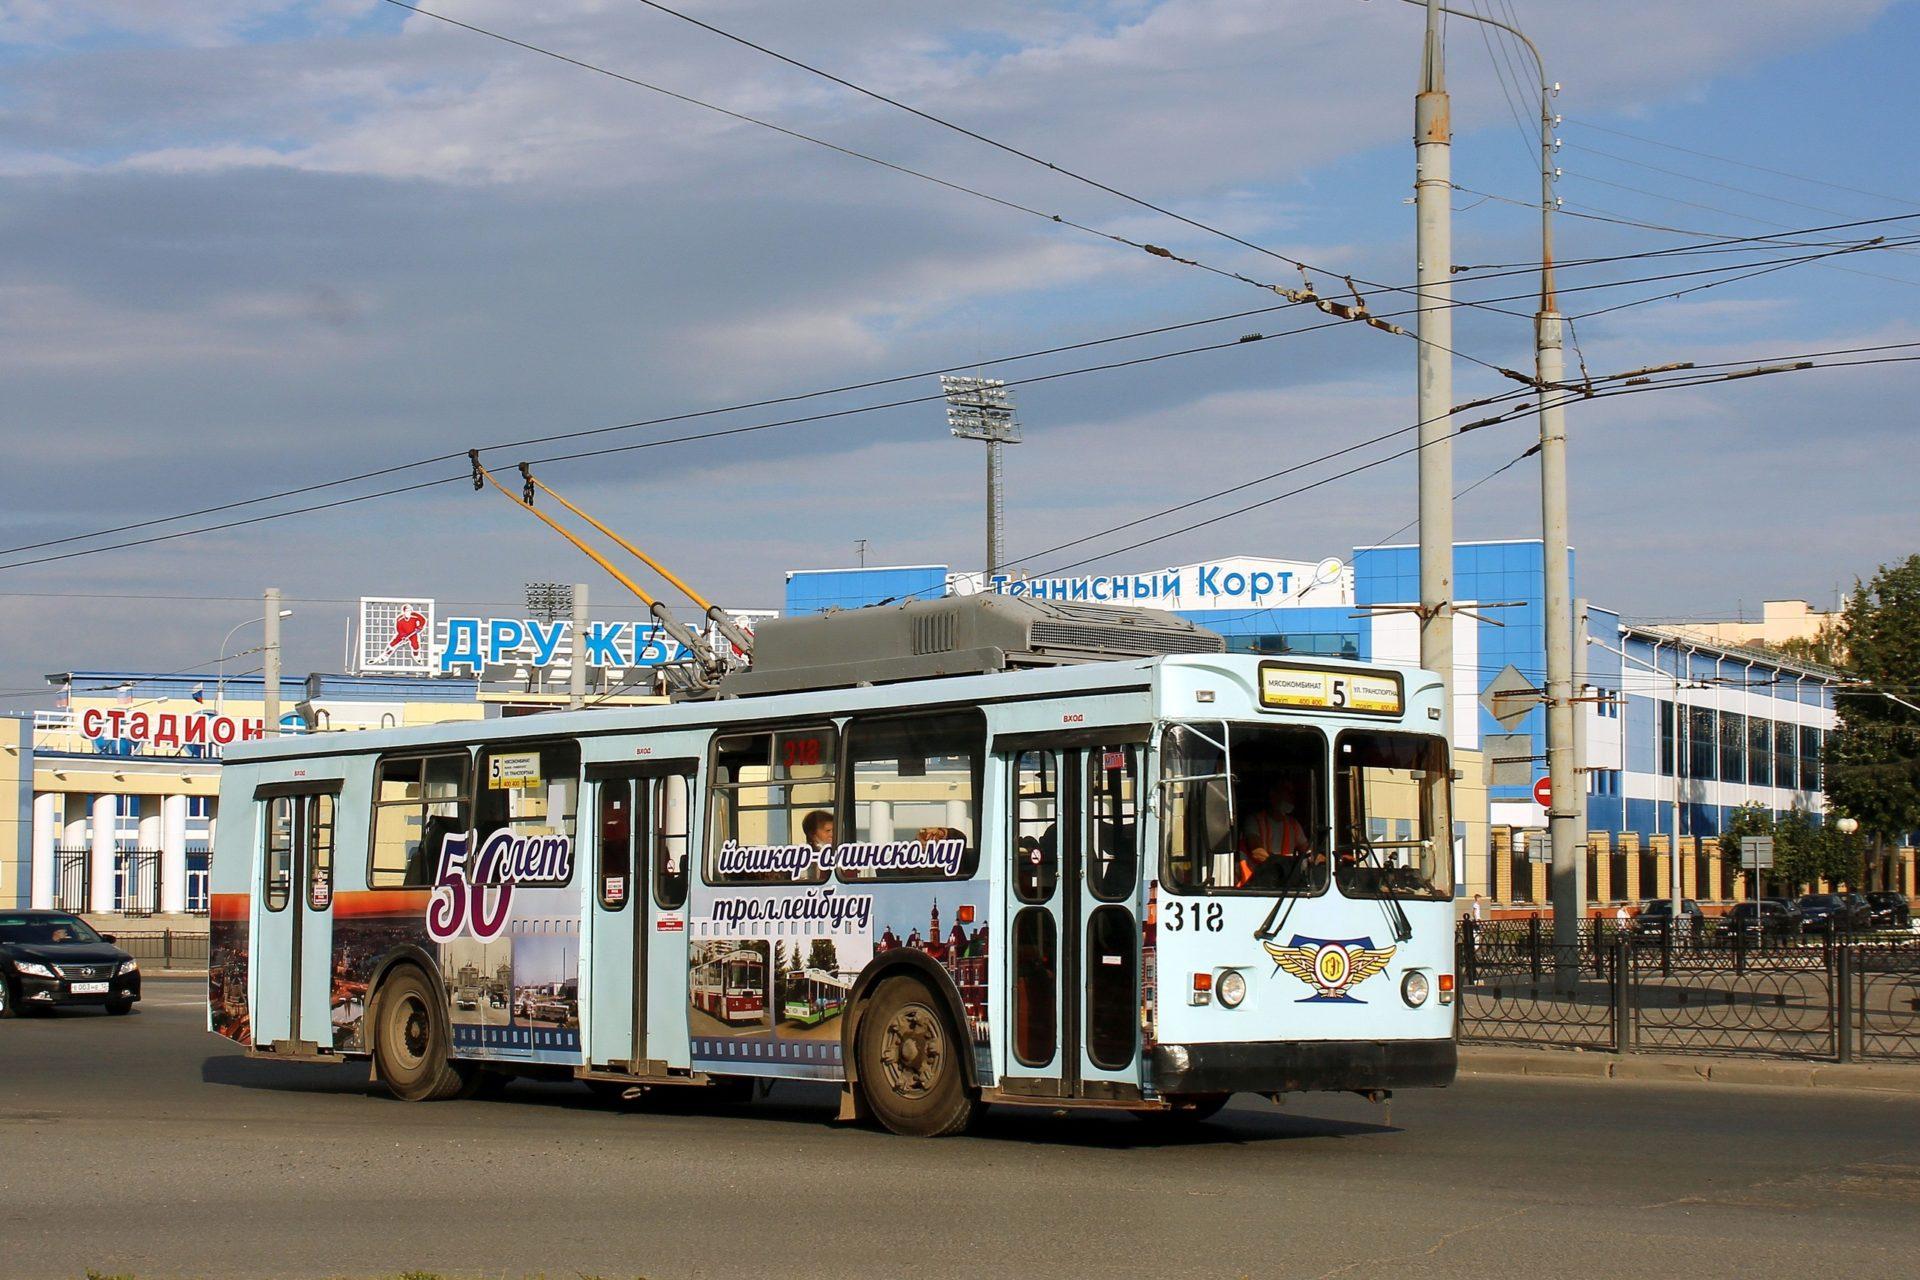 Троллейбусы Йошкар-Олы из-за ремонта на улице Подольских Курсантов поменяют схему движения